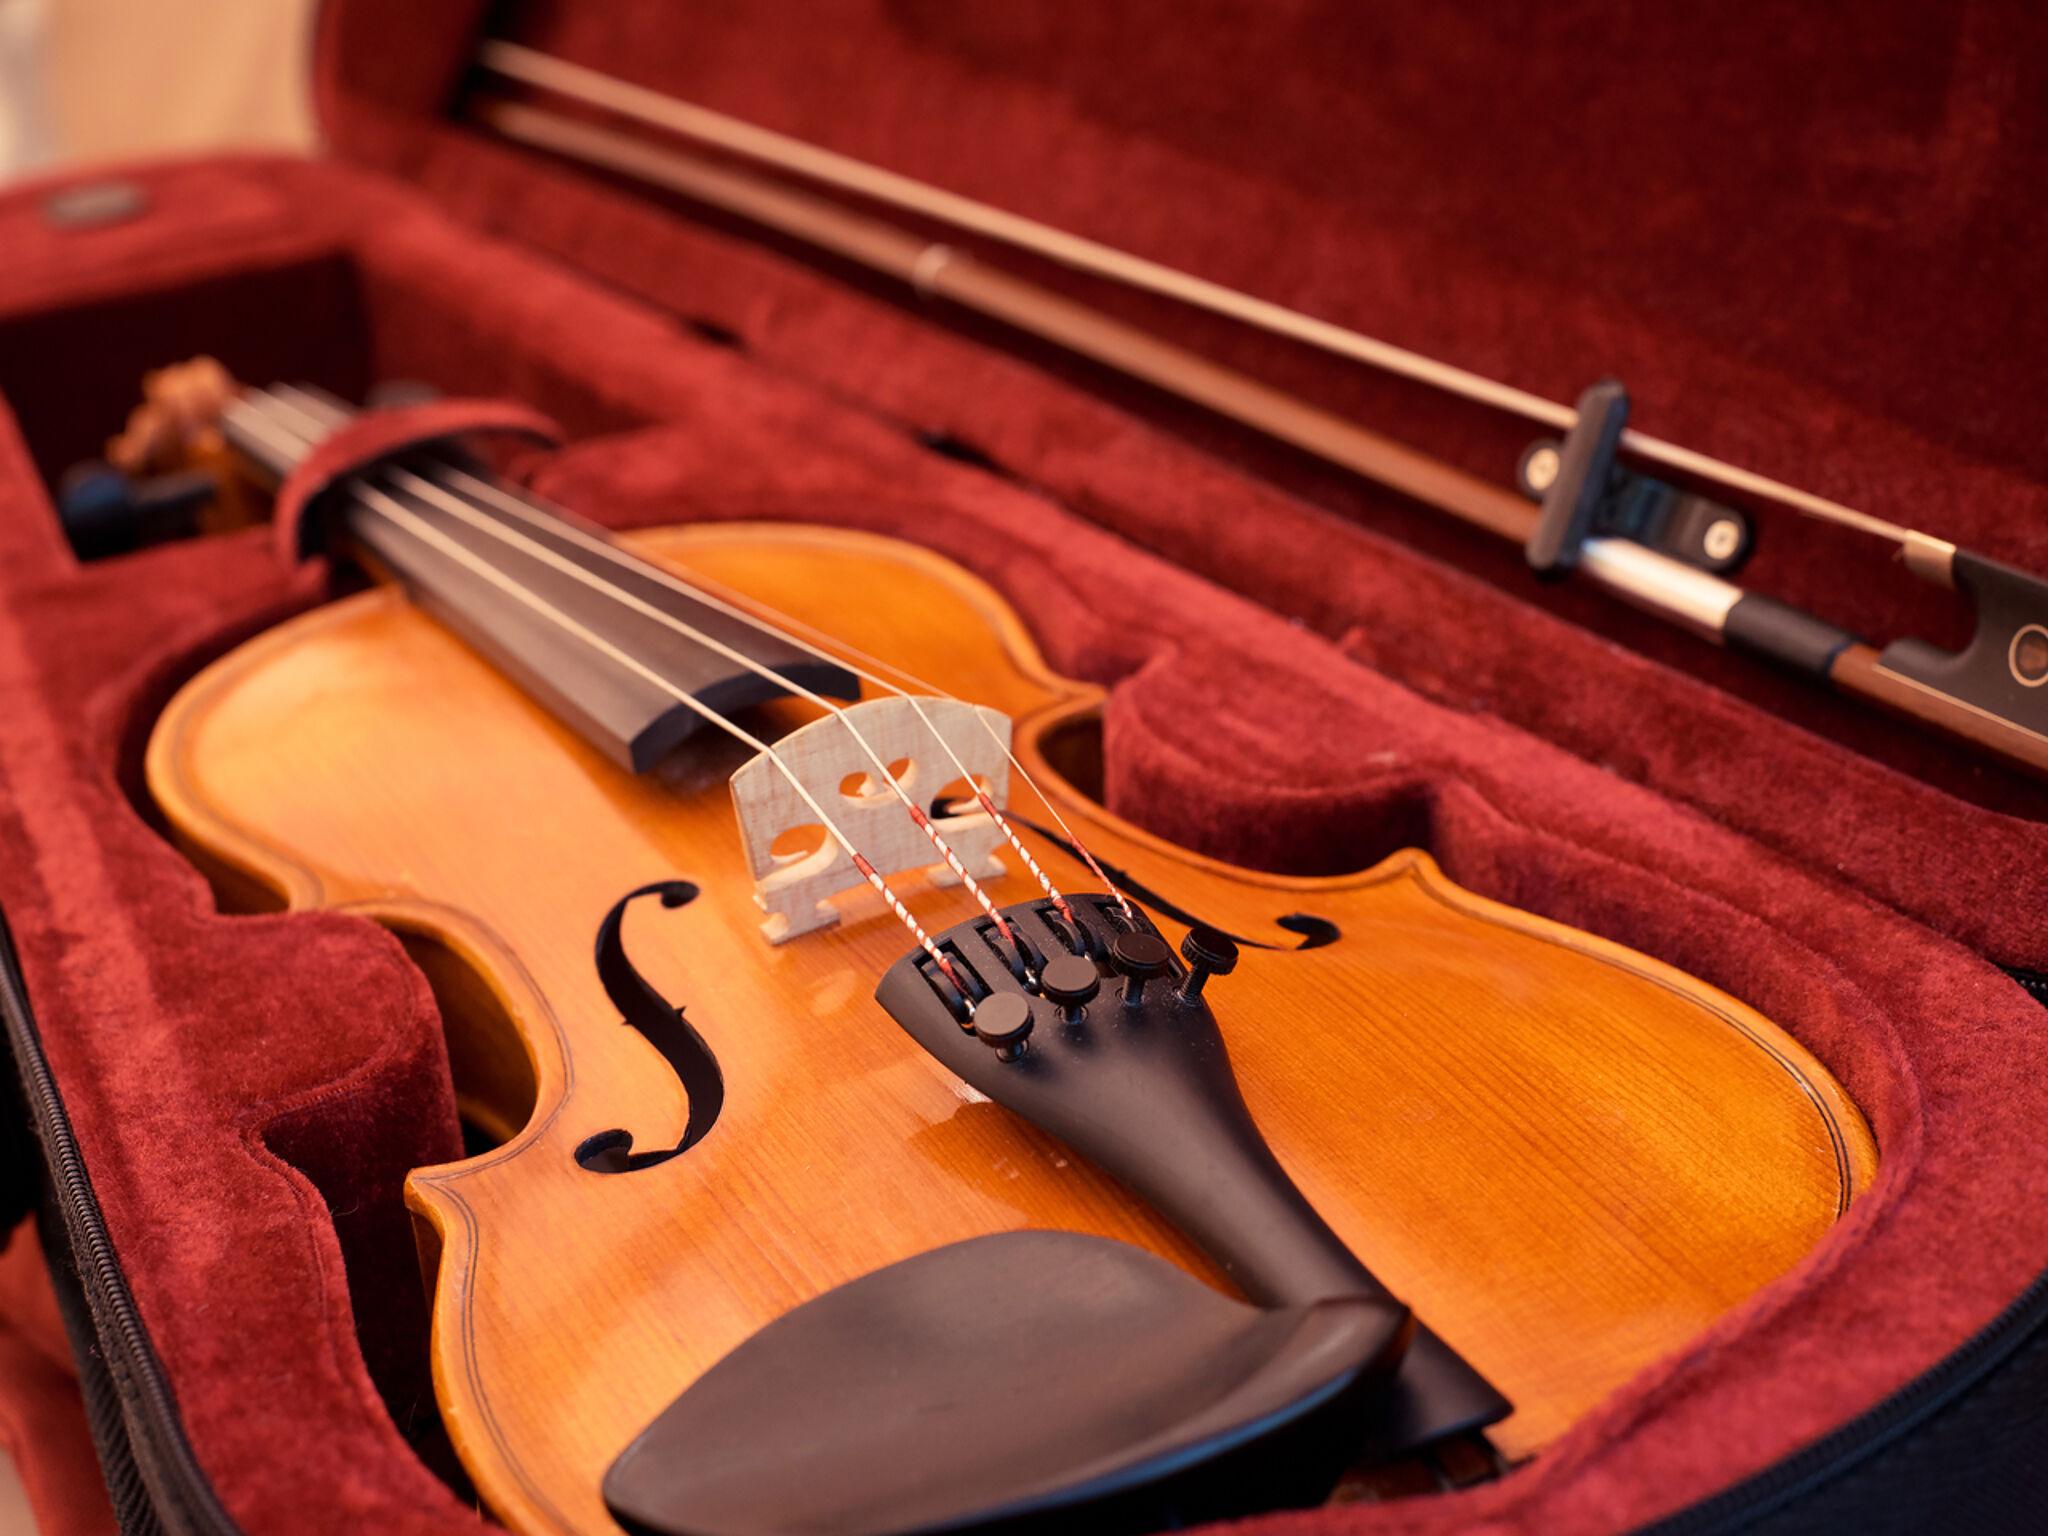 ケースに入ったヴァイオリンのアップ画像